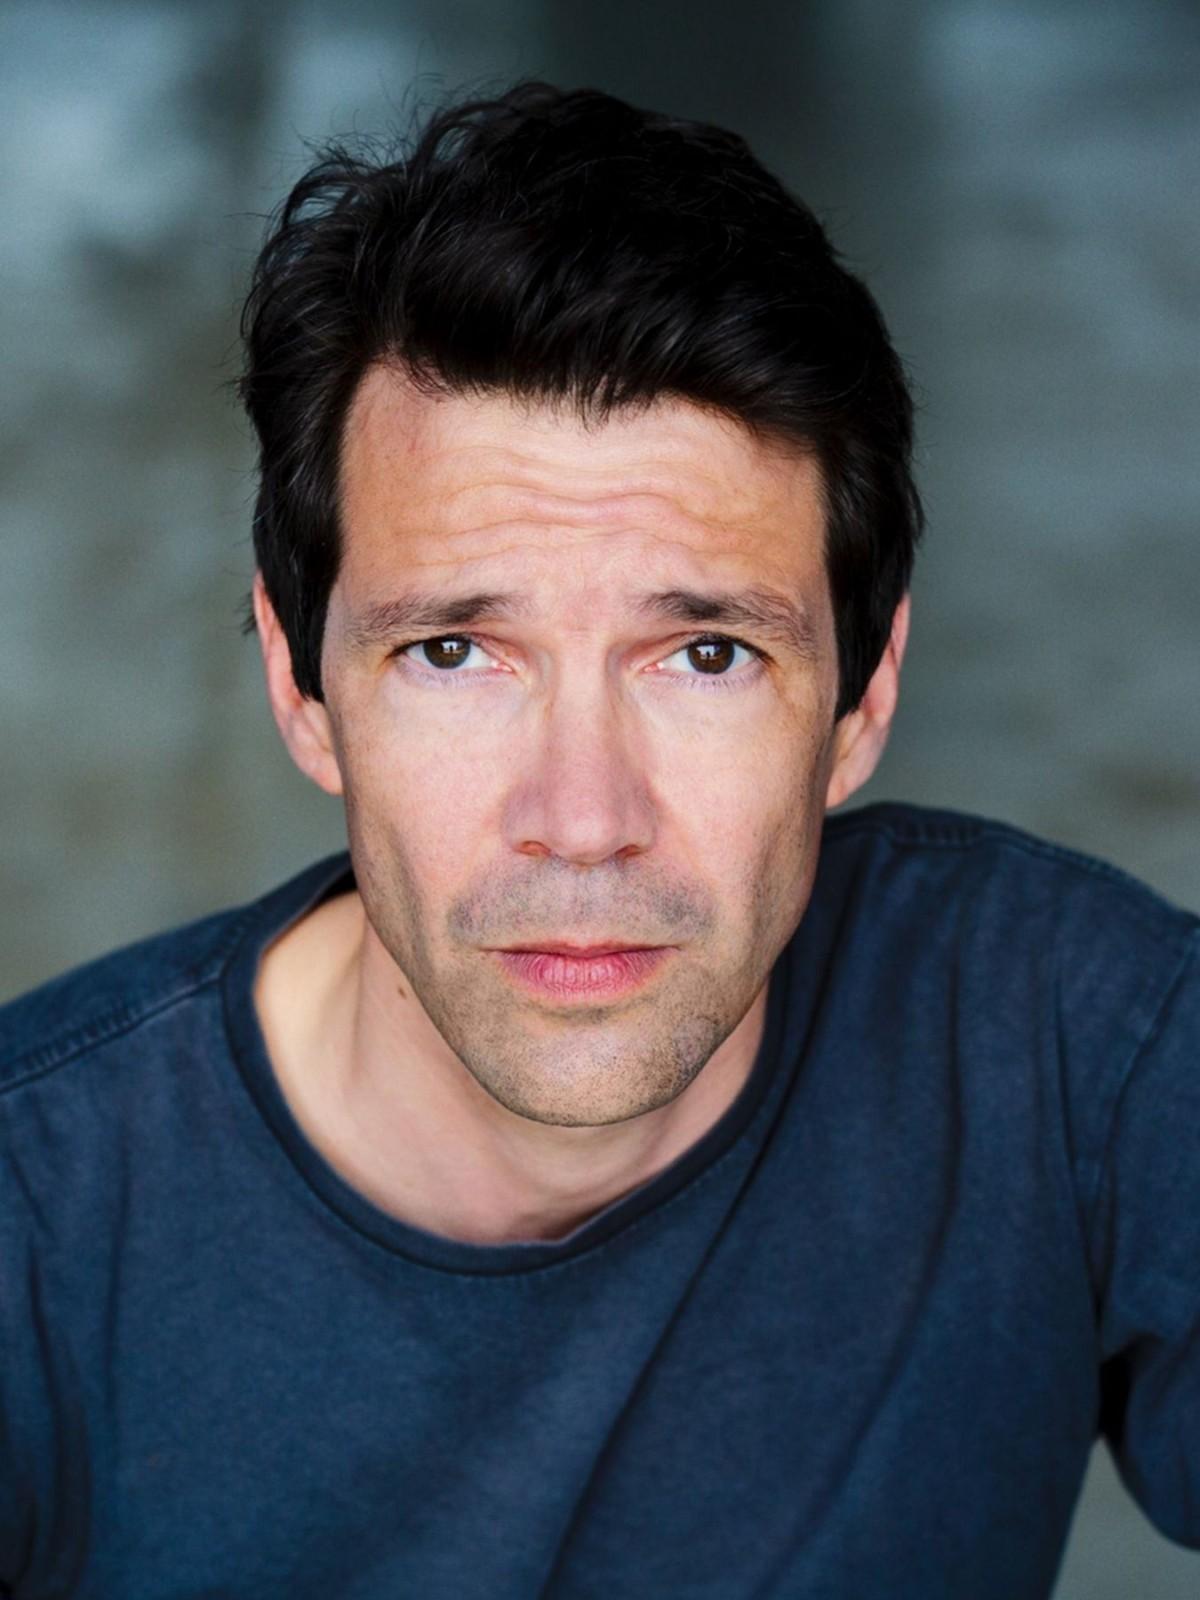 Arno Frisch, Actors Agency Osman, Schauspielagentur